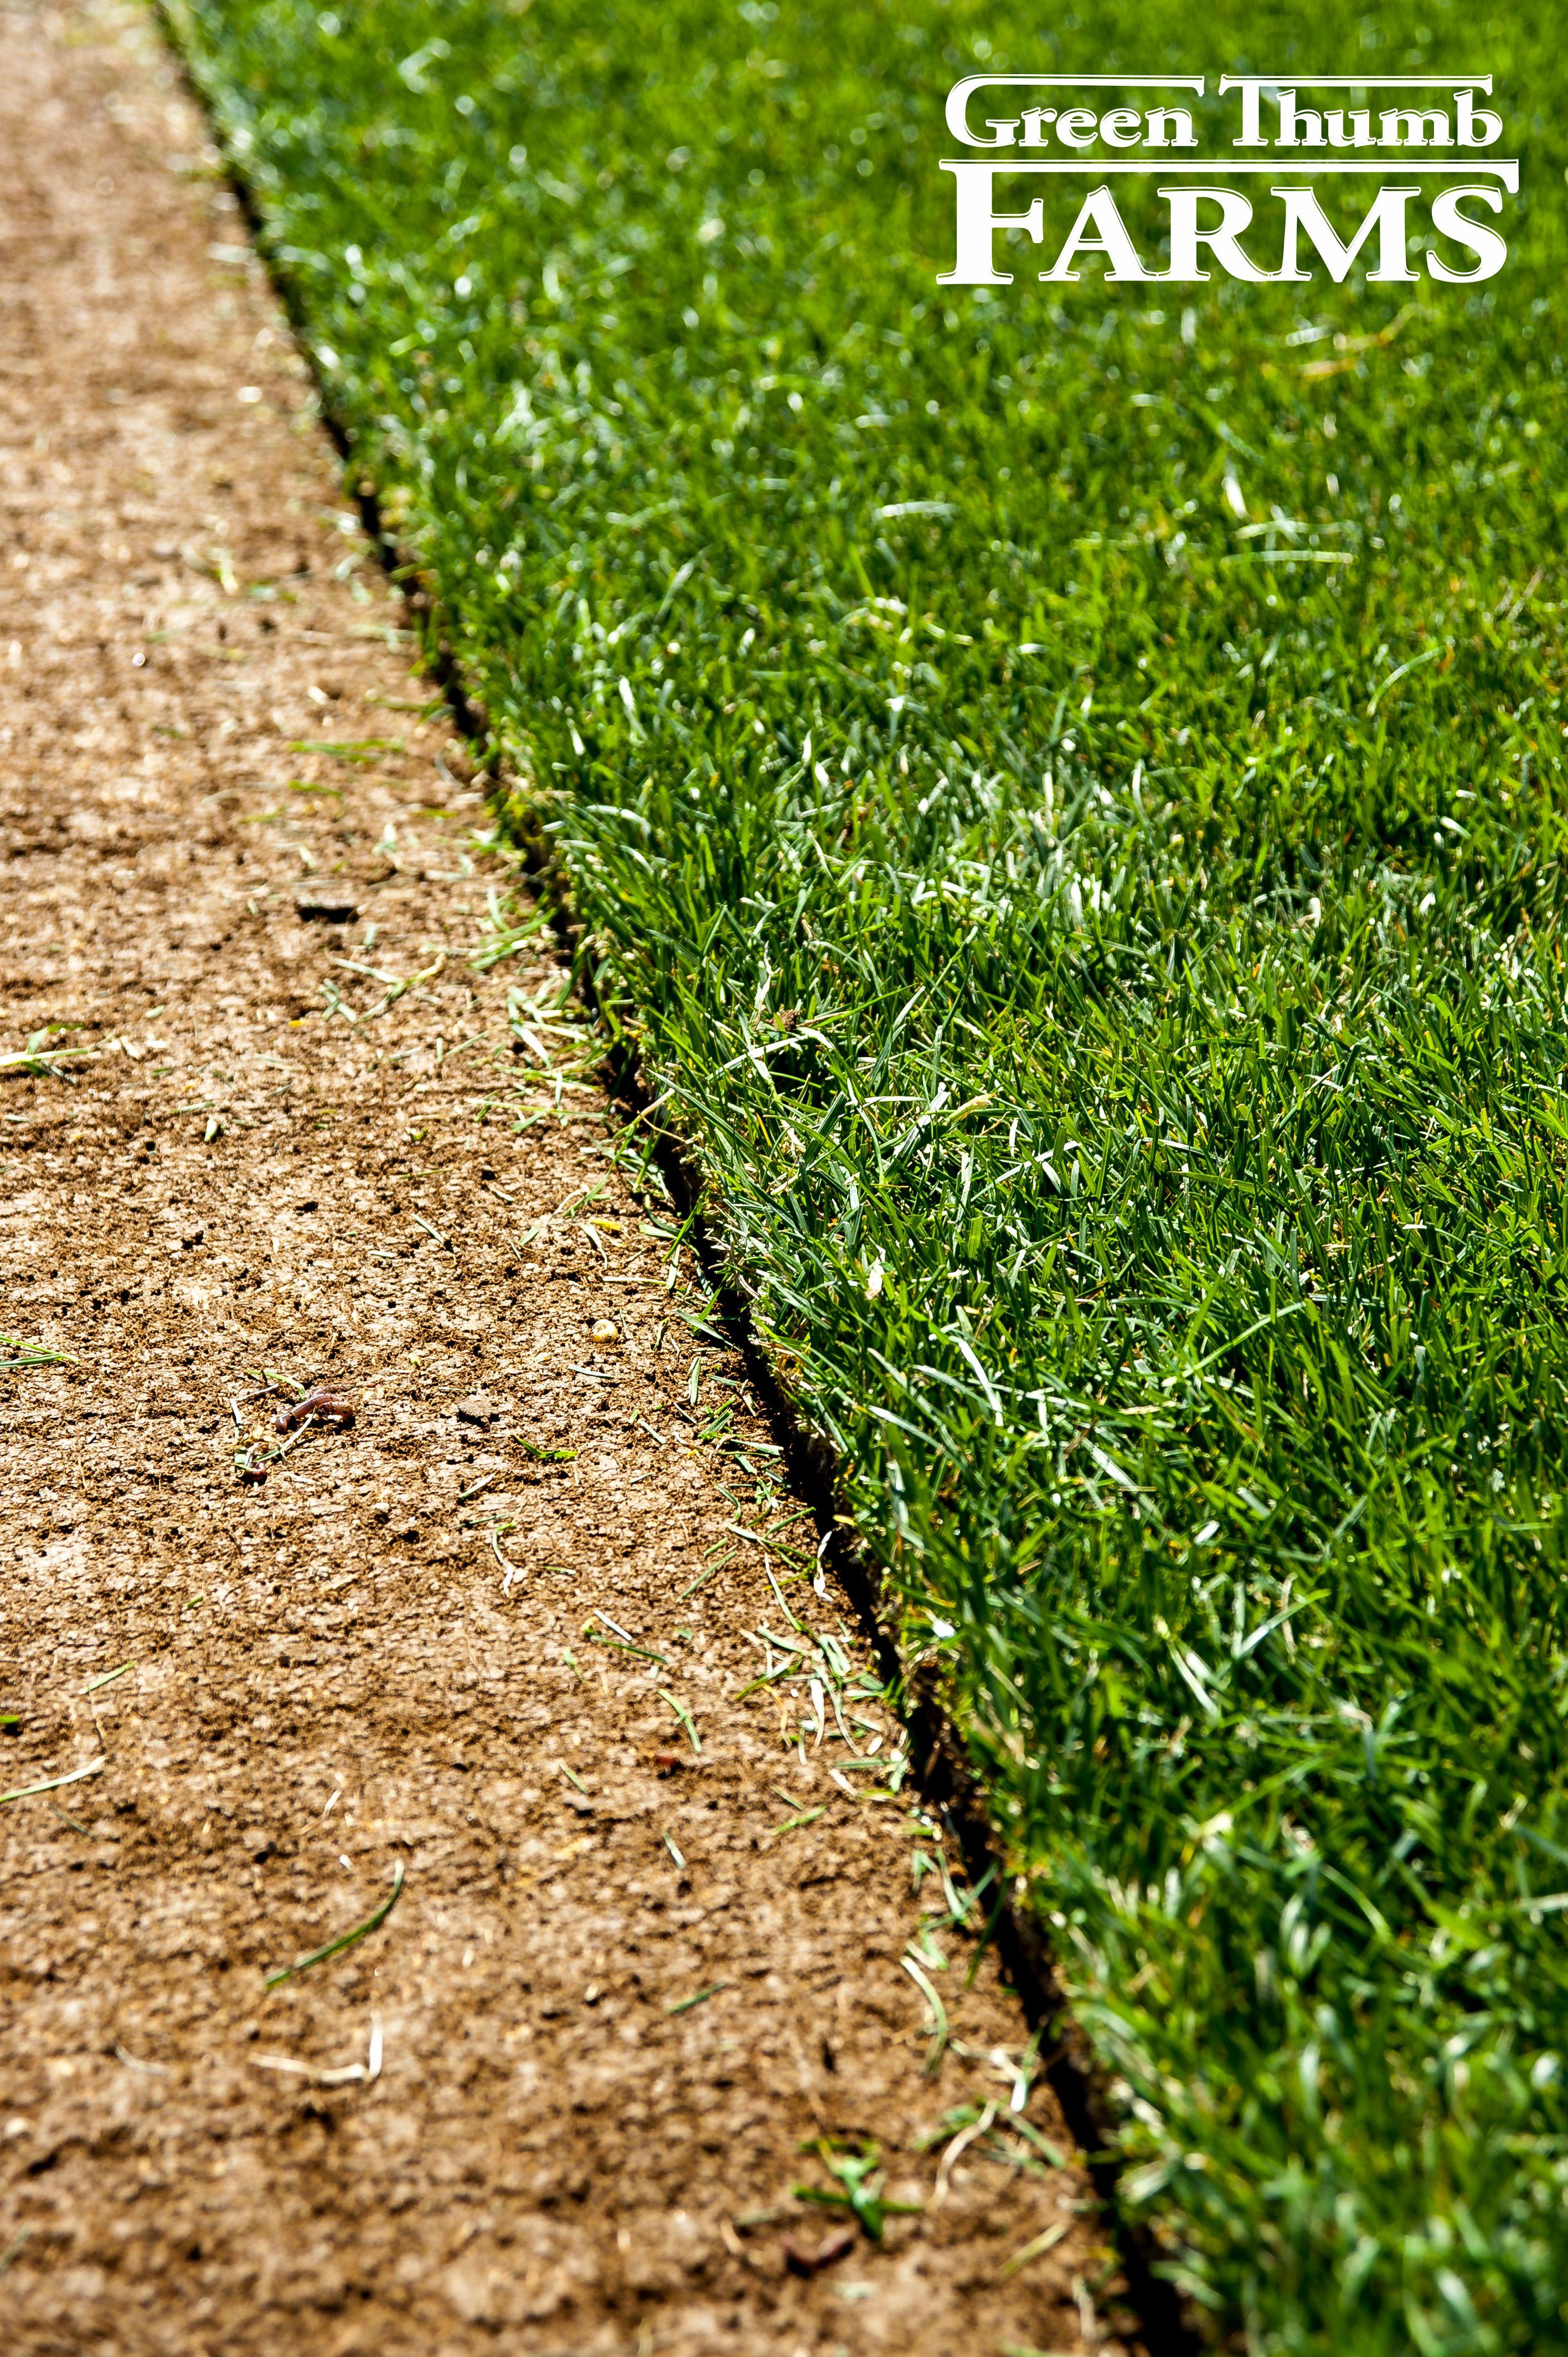 April Showers Bring May Turf Grass Green Thumb Farms